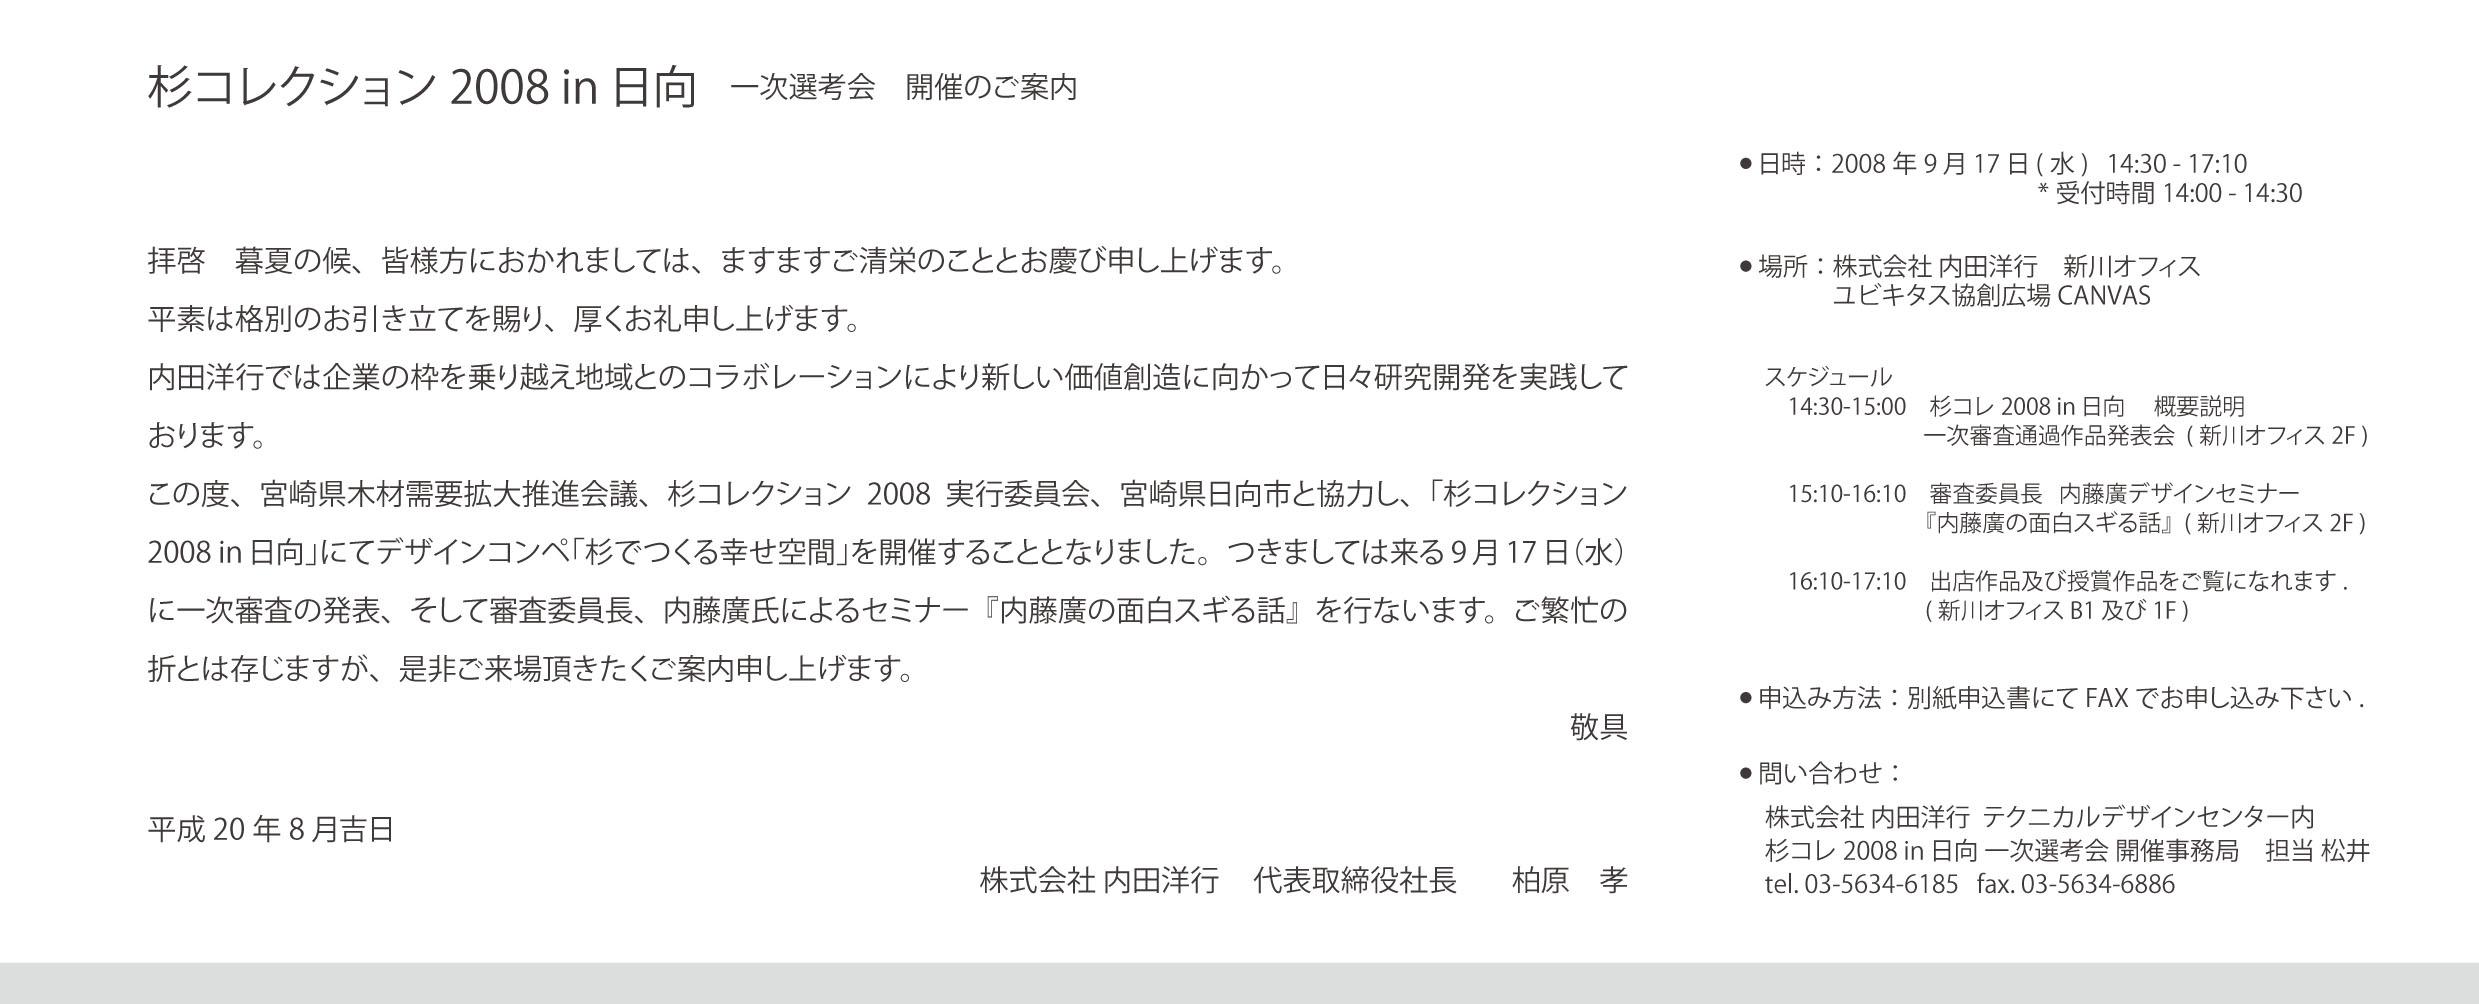 杉コレクション2008 in 日向 一次選考会開催!_b0068169_166253.jpg